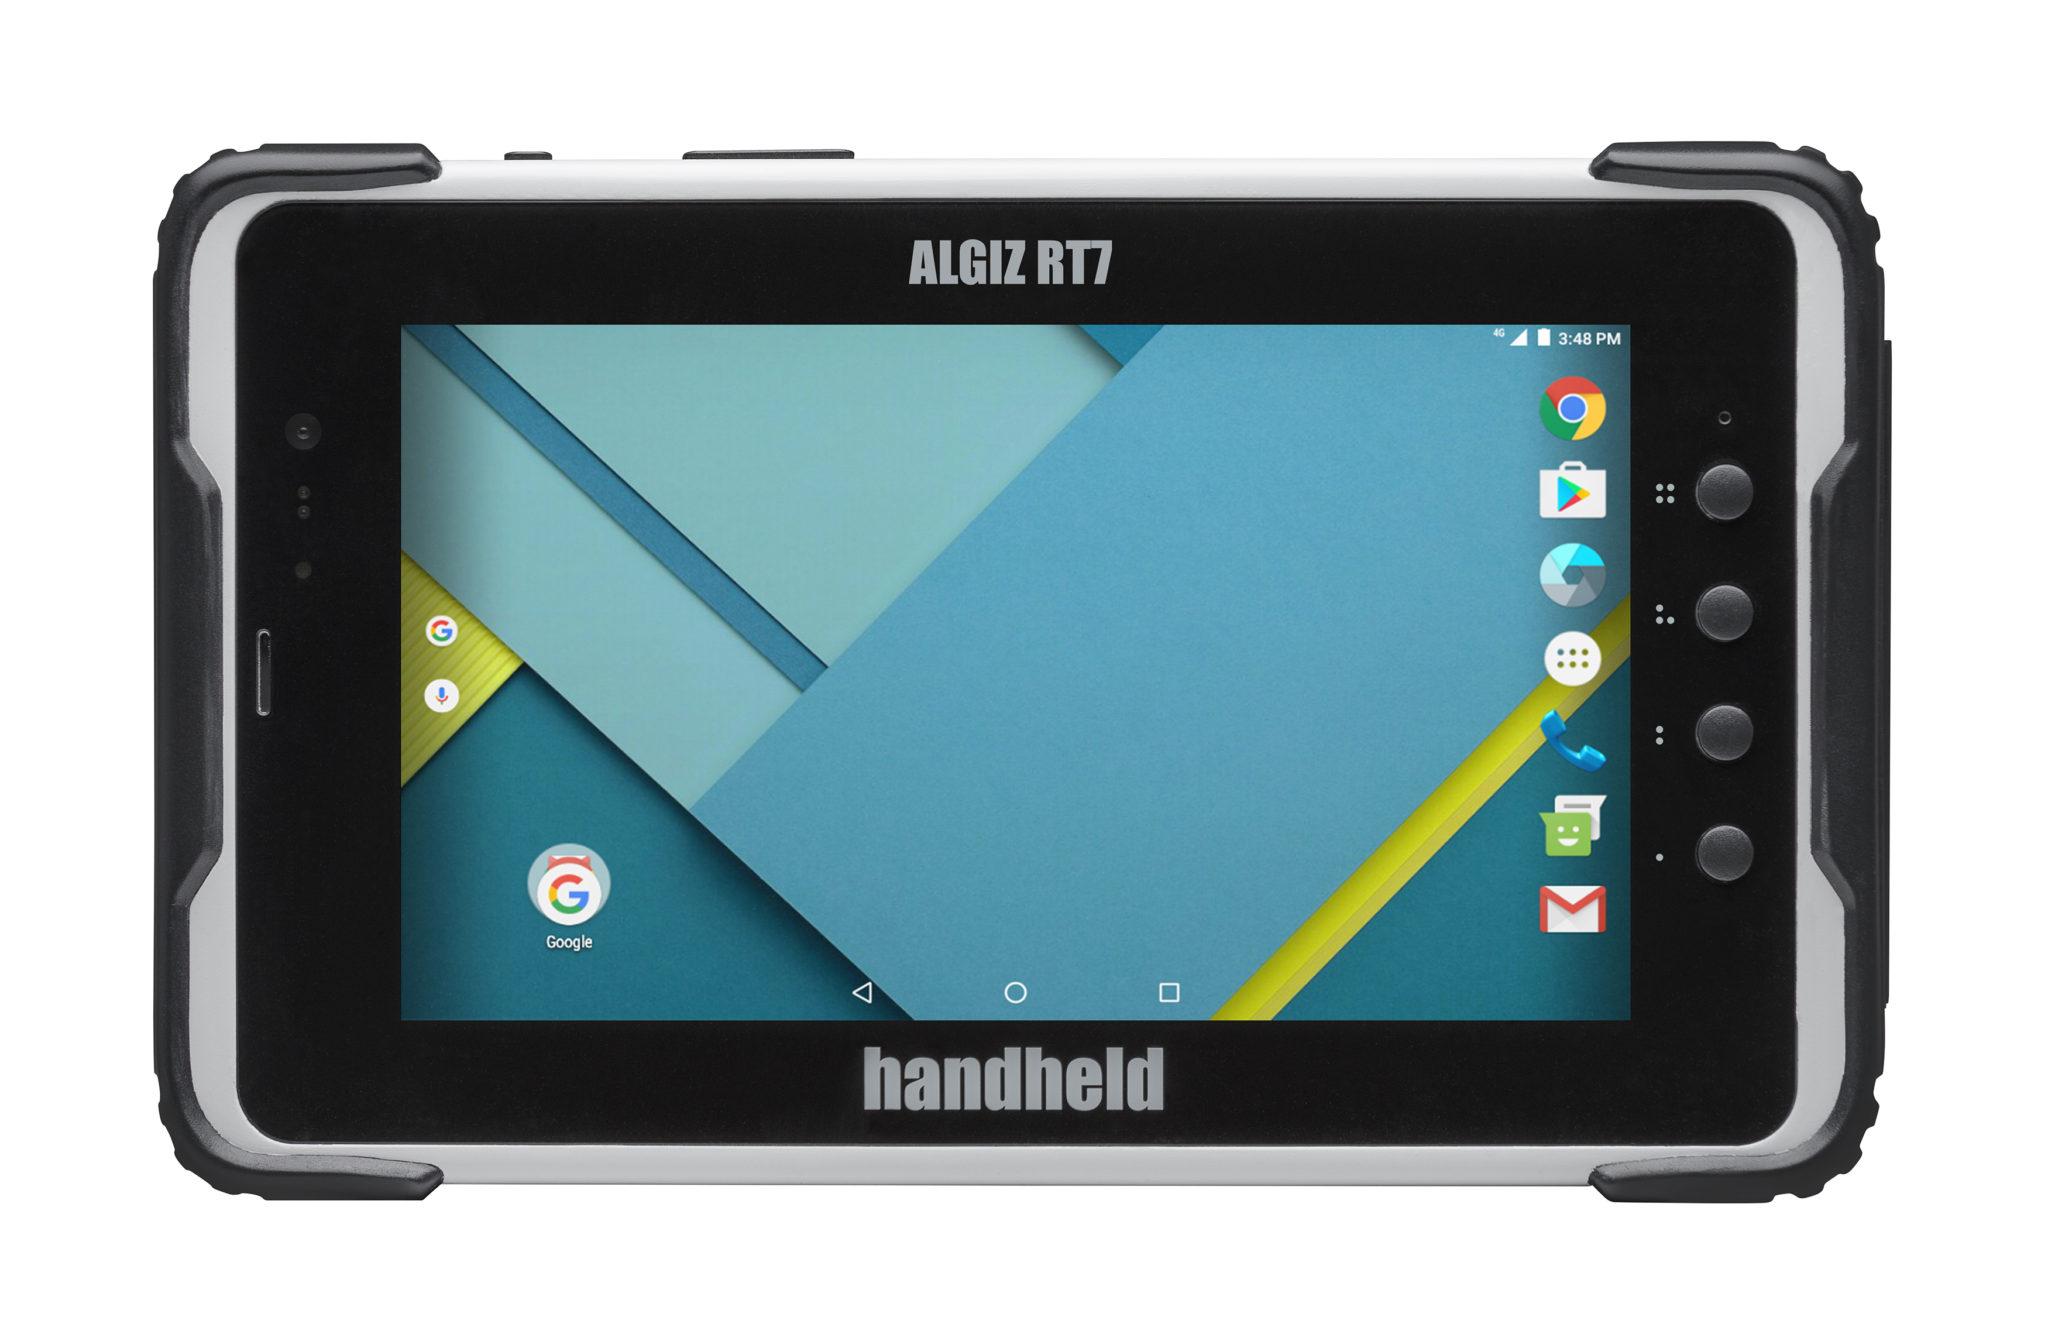 Upgrade Handheld Algiz RT7